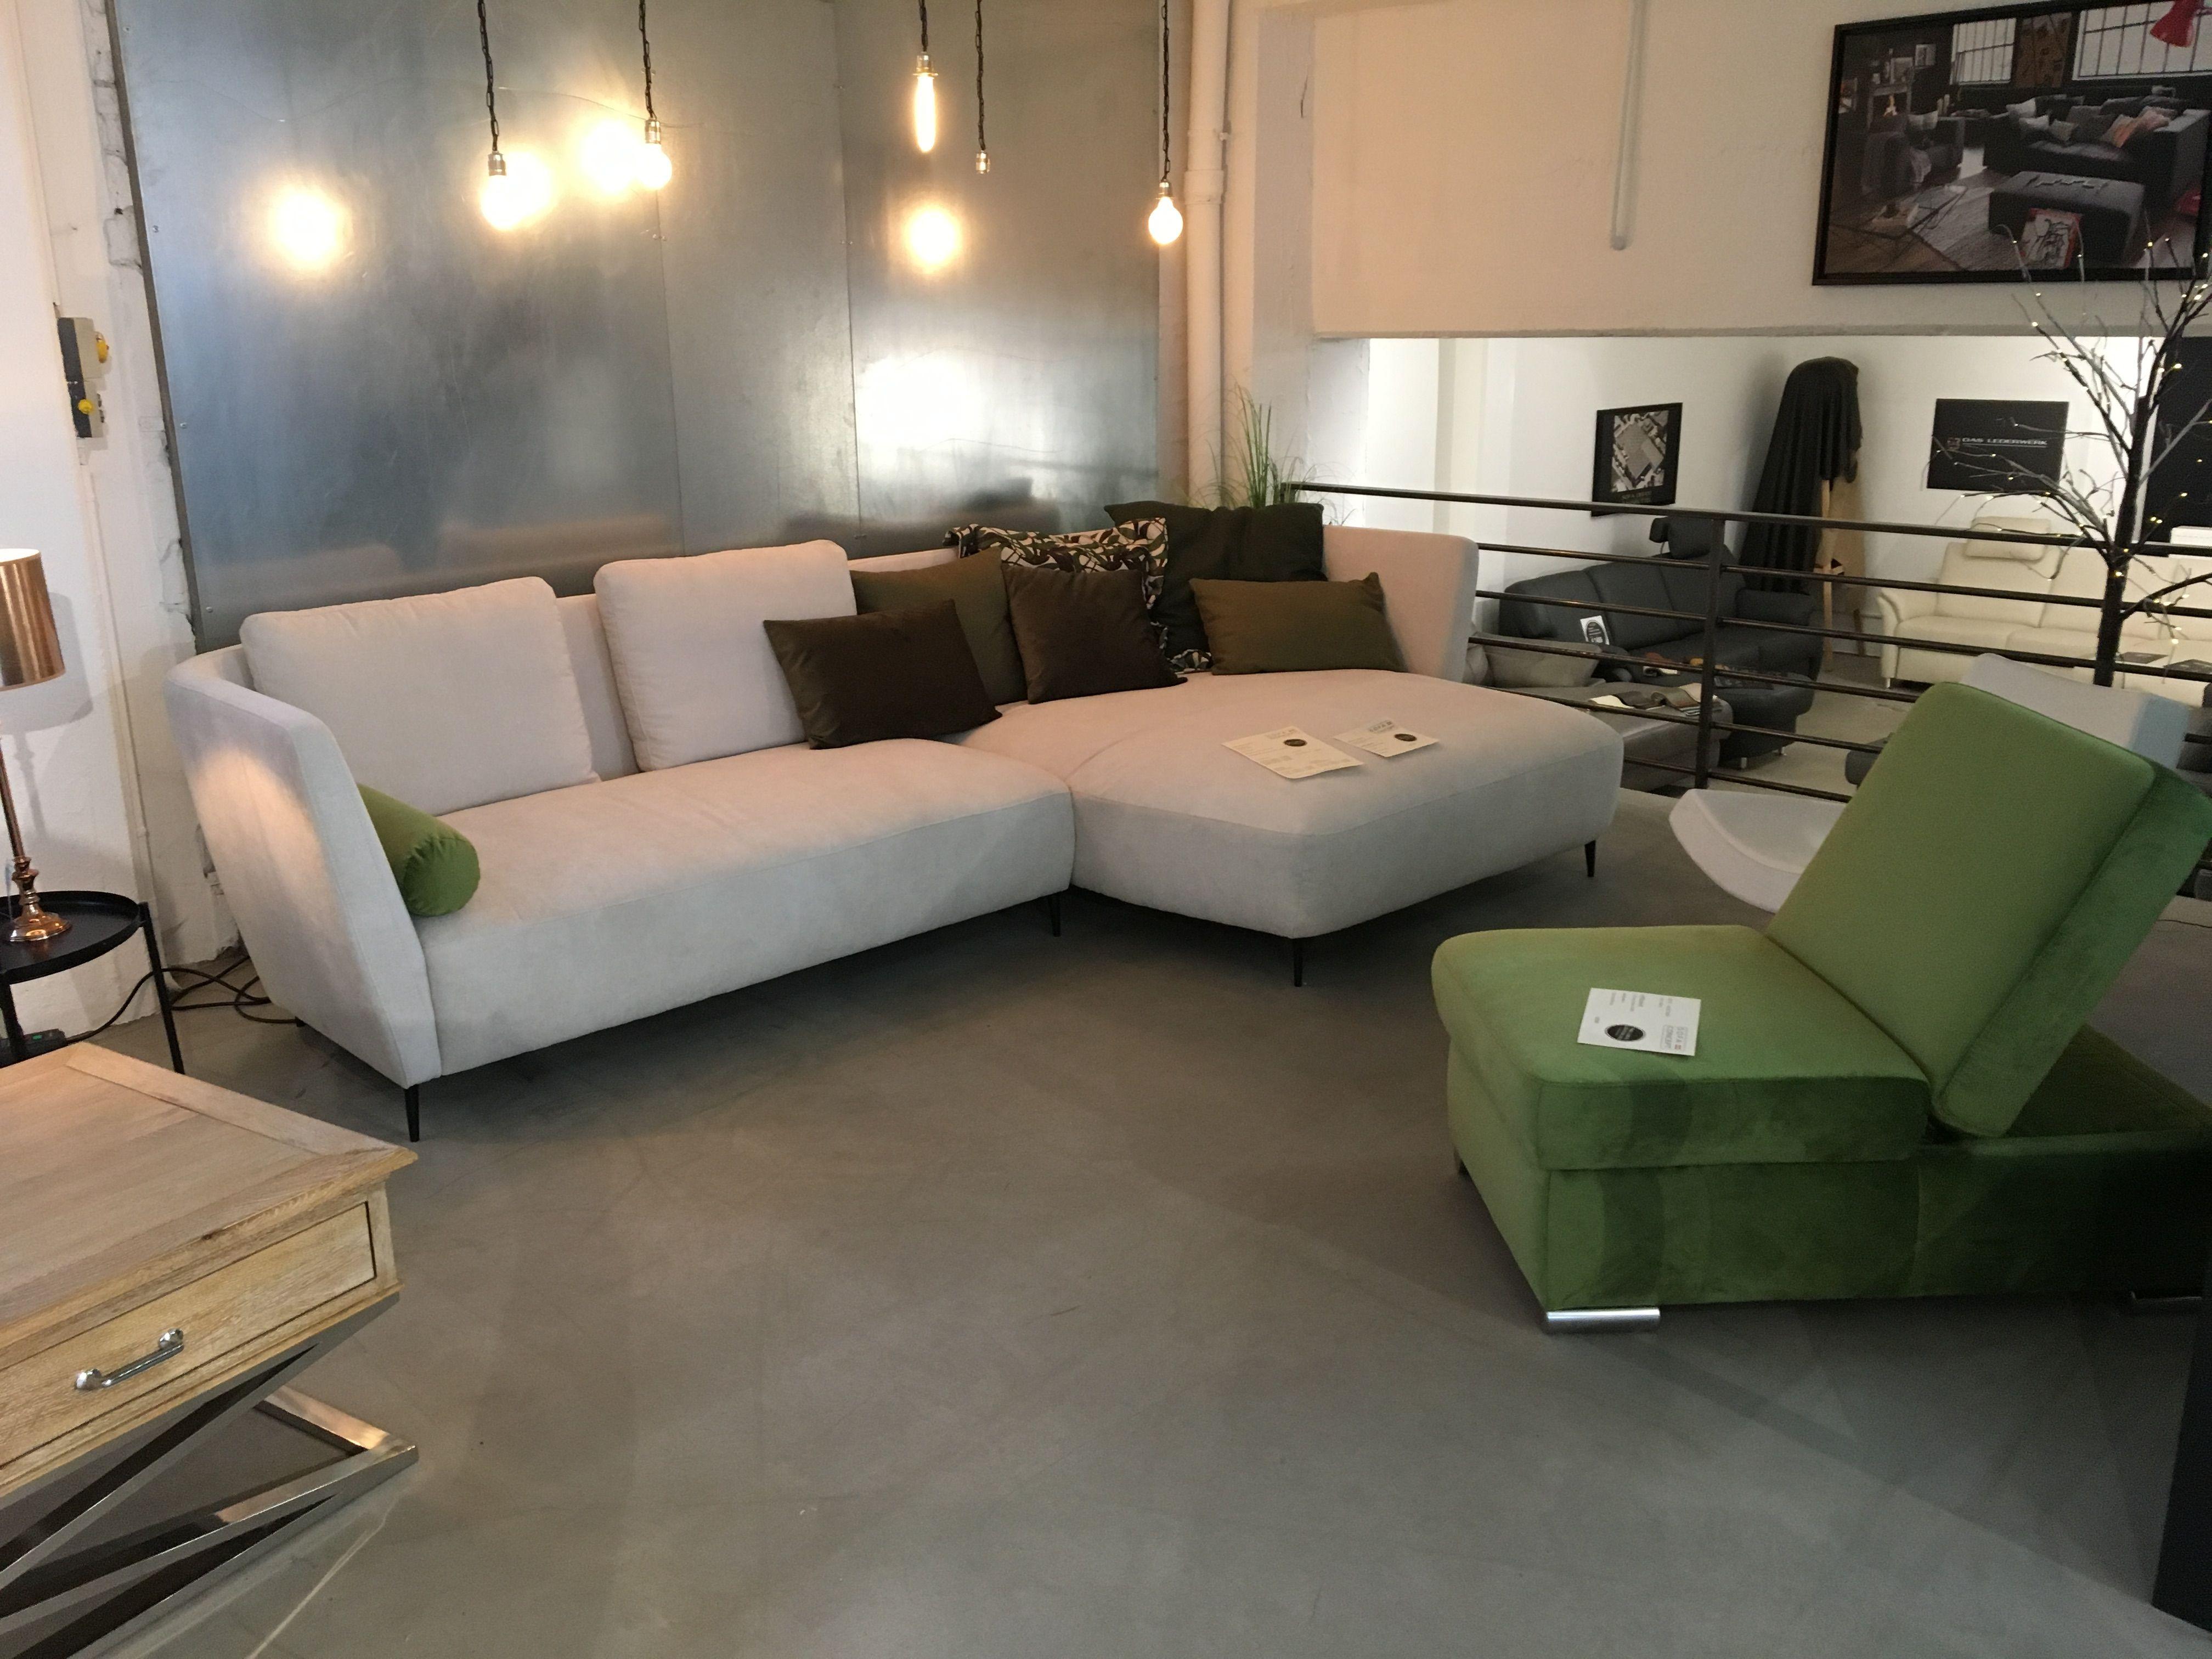 Pin Von Sofa Depot Gmbh Auf Scandic Sofas Https Sofadepot De Skandinavische Sofas Ecksofa Sofa Und Modern